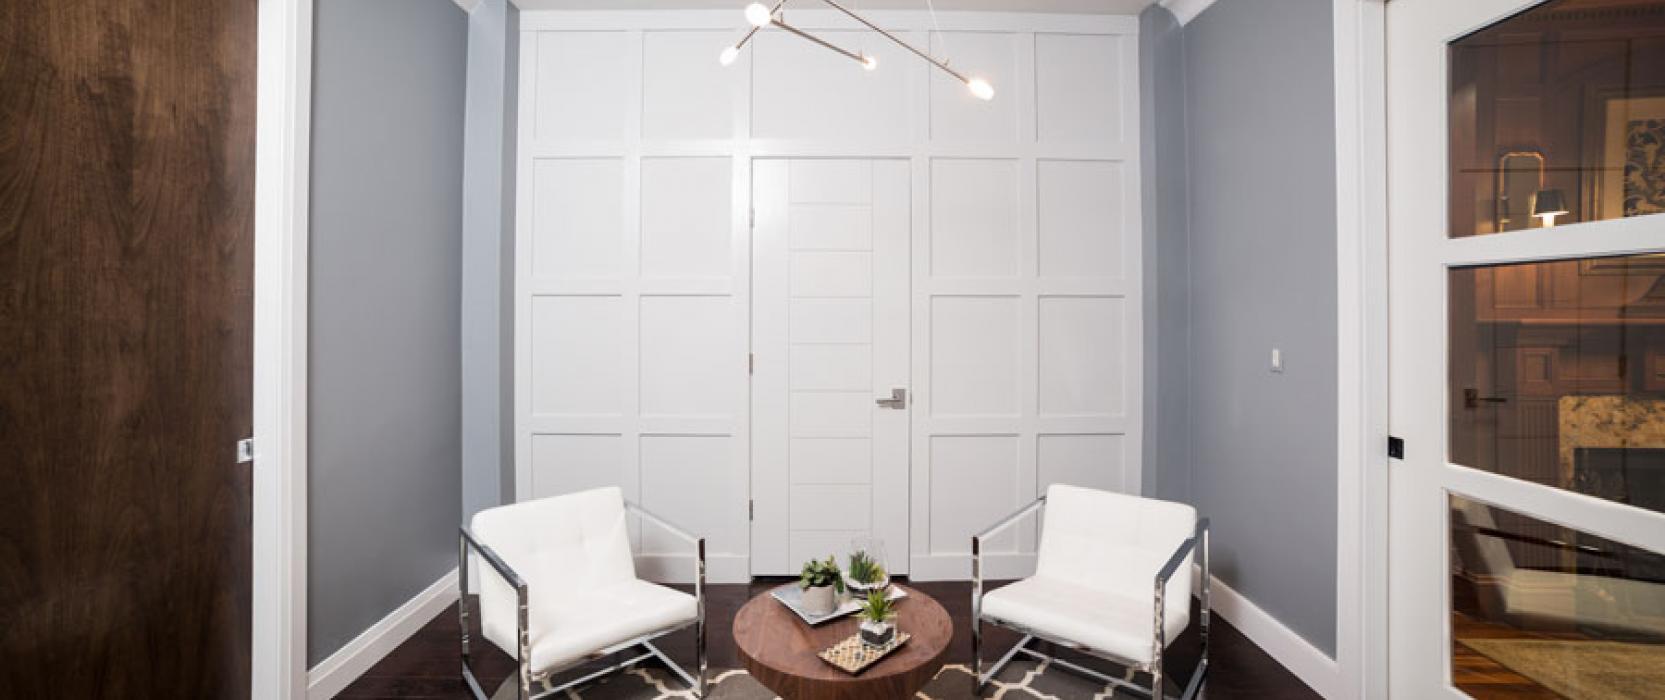 New Modern Suite at Van Millwork's Needham Design Center